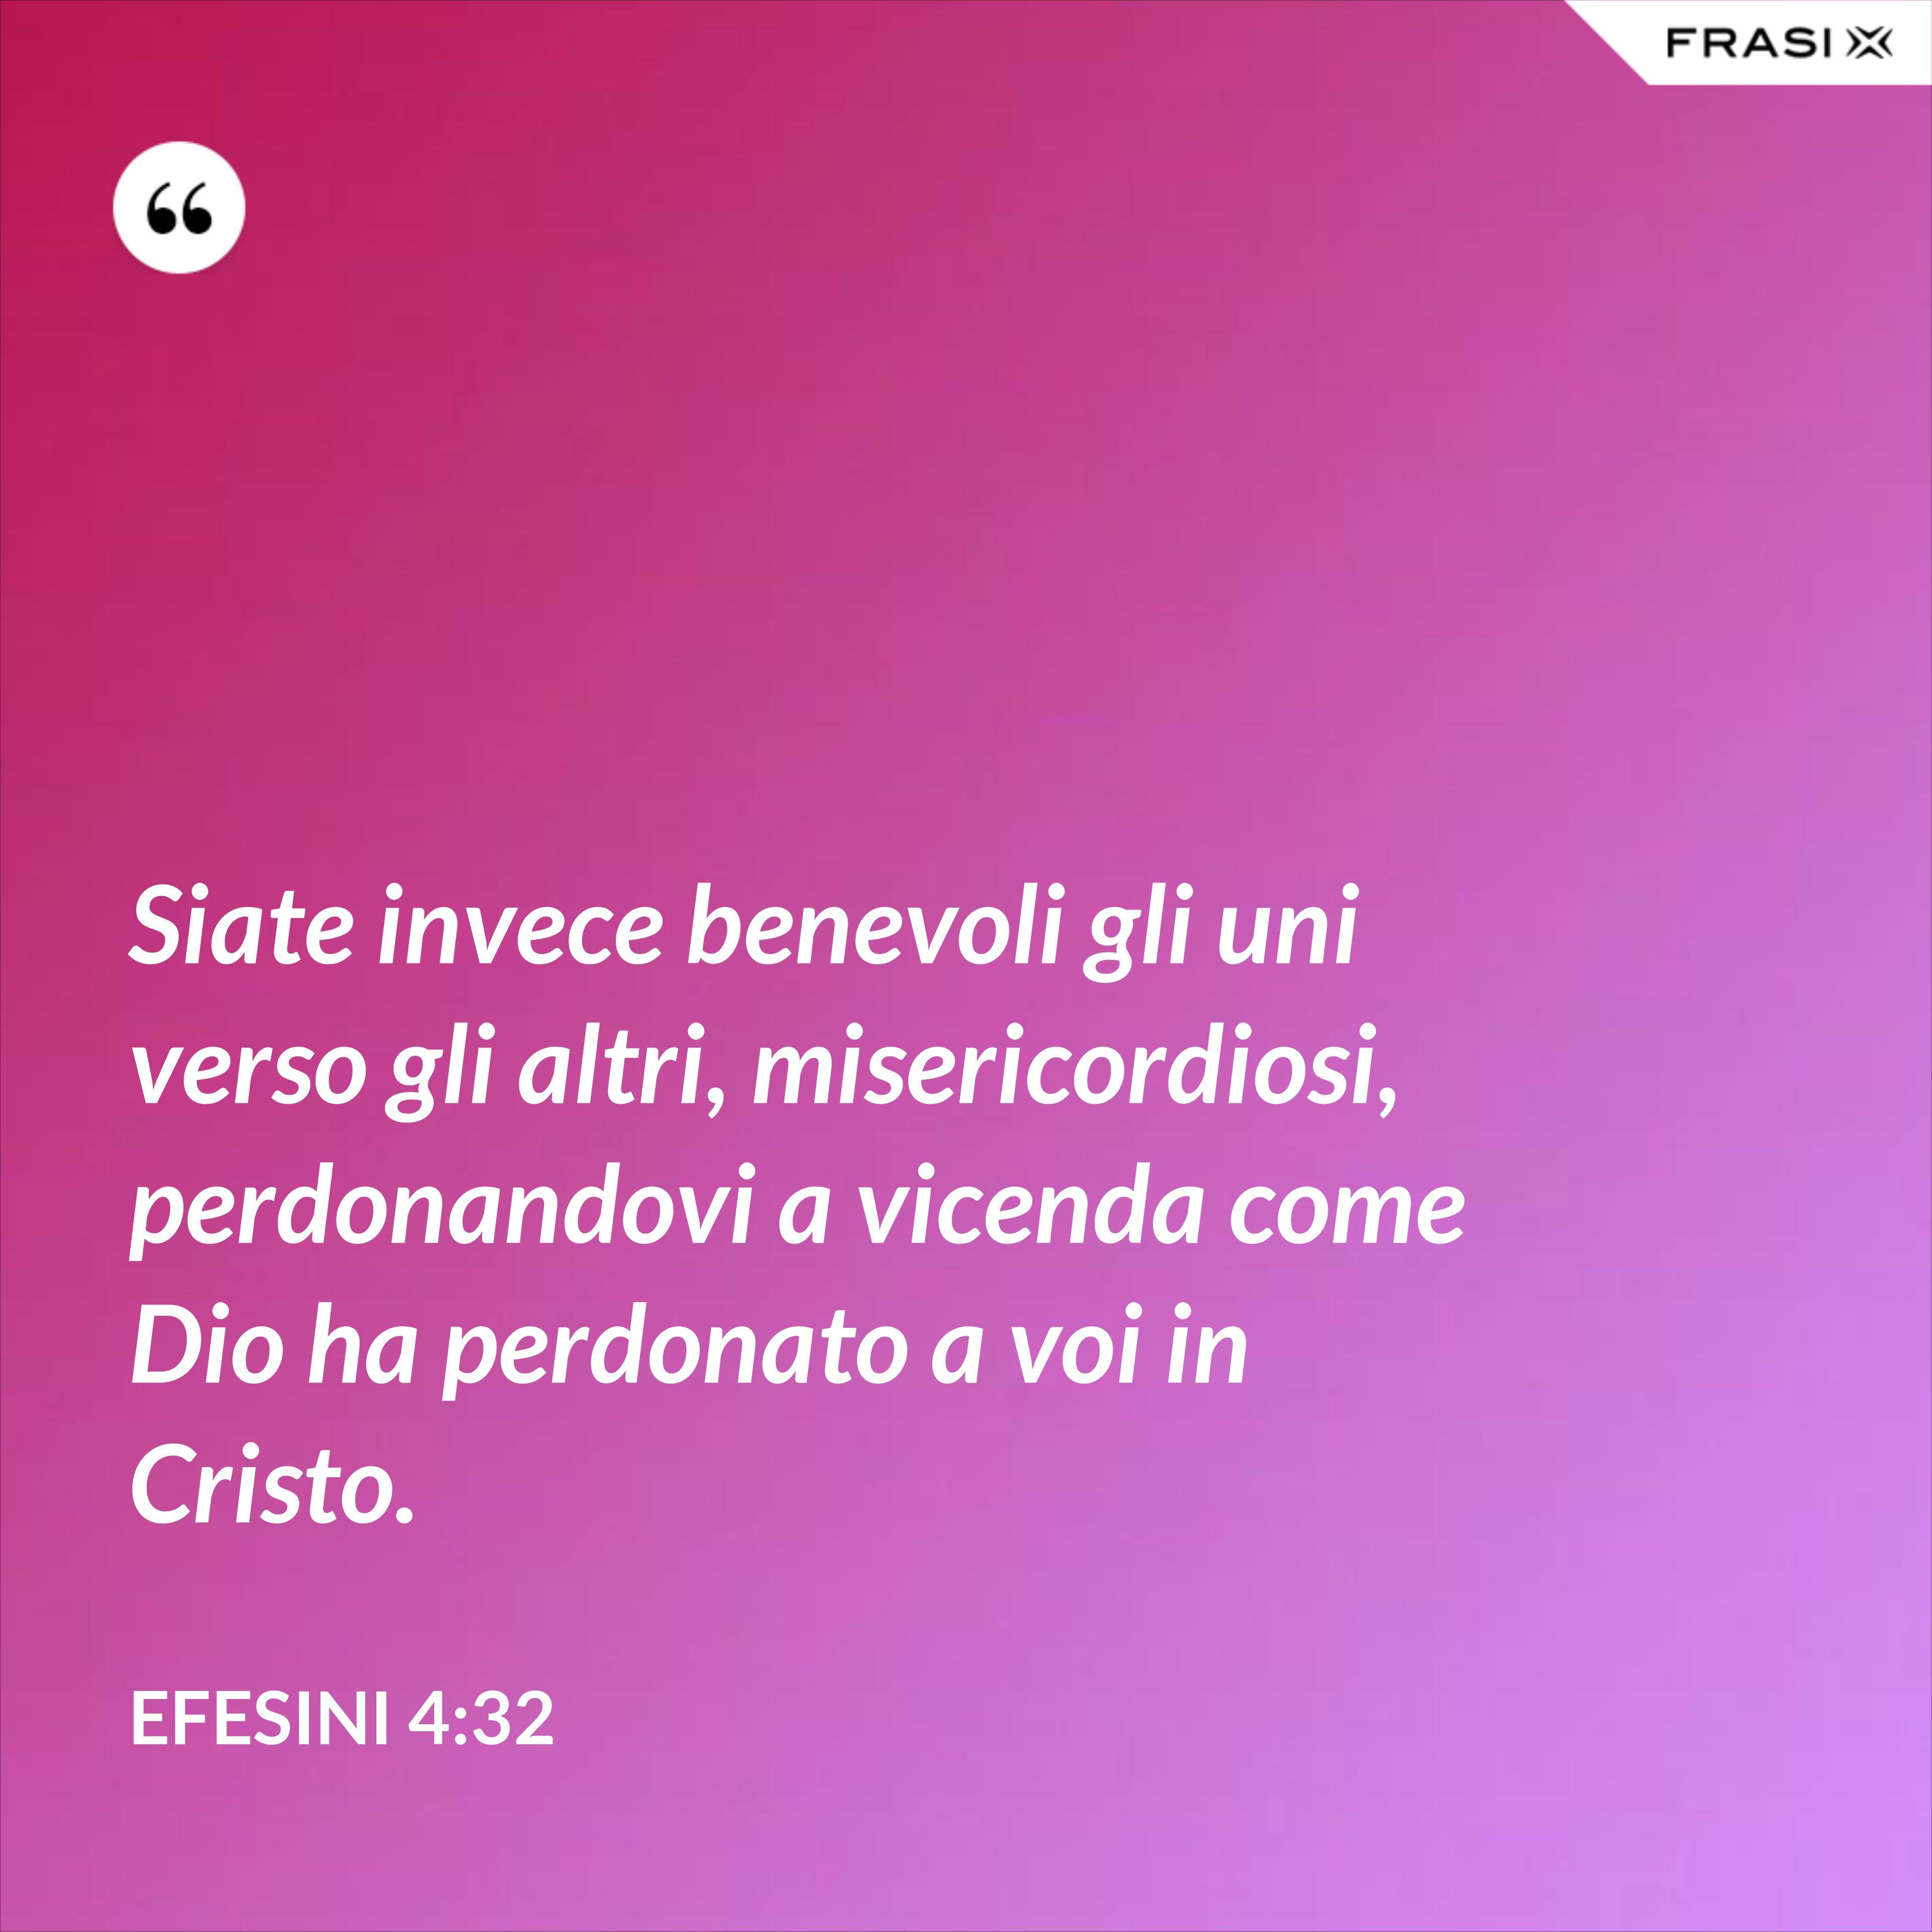 Siate invece benevoli gli uni verso gli altri, misericordiosi, perdonandovi a vicenda come Dio ha perdonato a voi in Cristo. - Efesini 4:32